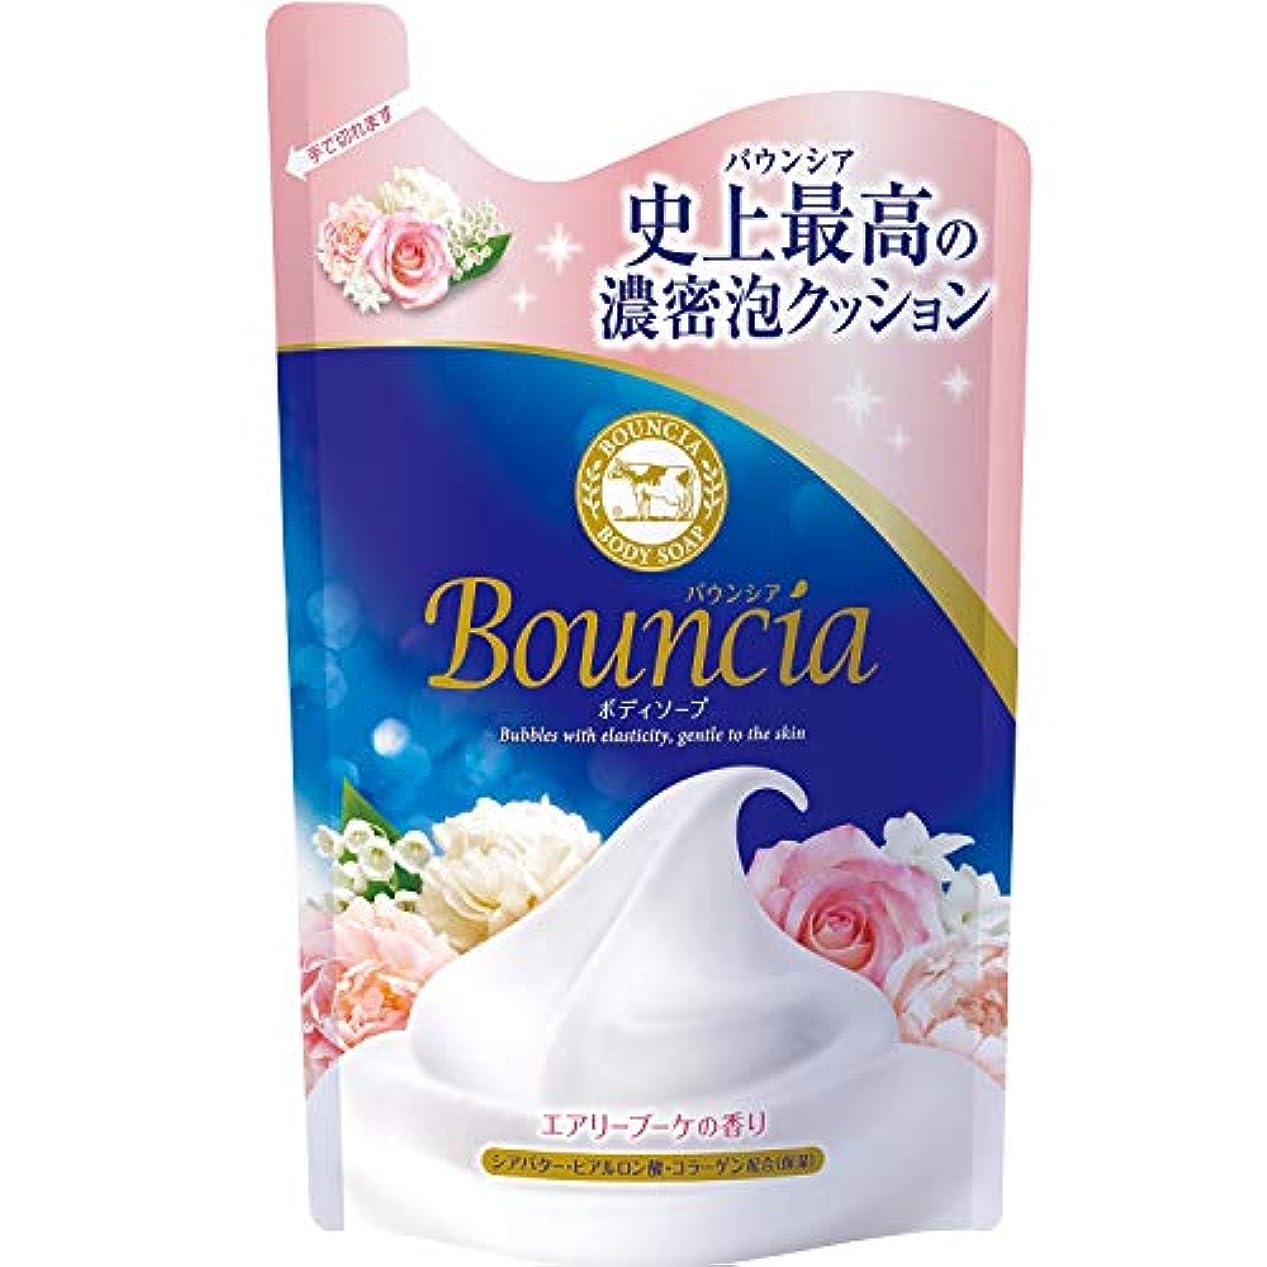 決定的ランチョン分離バウンシア ボディソープ エアリーブーケの香り 詰替 400mL